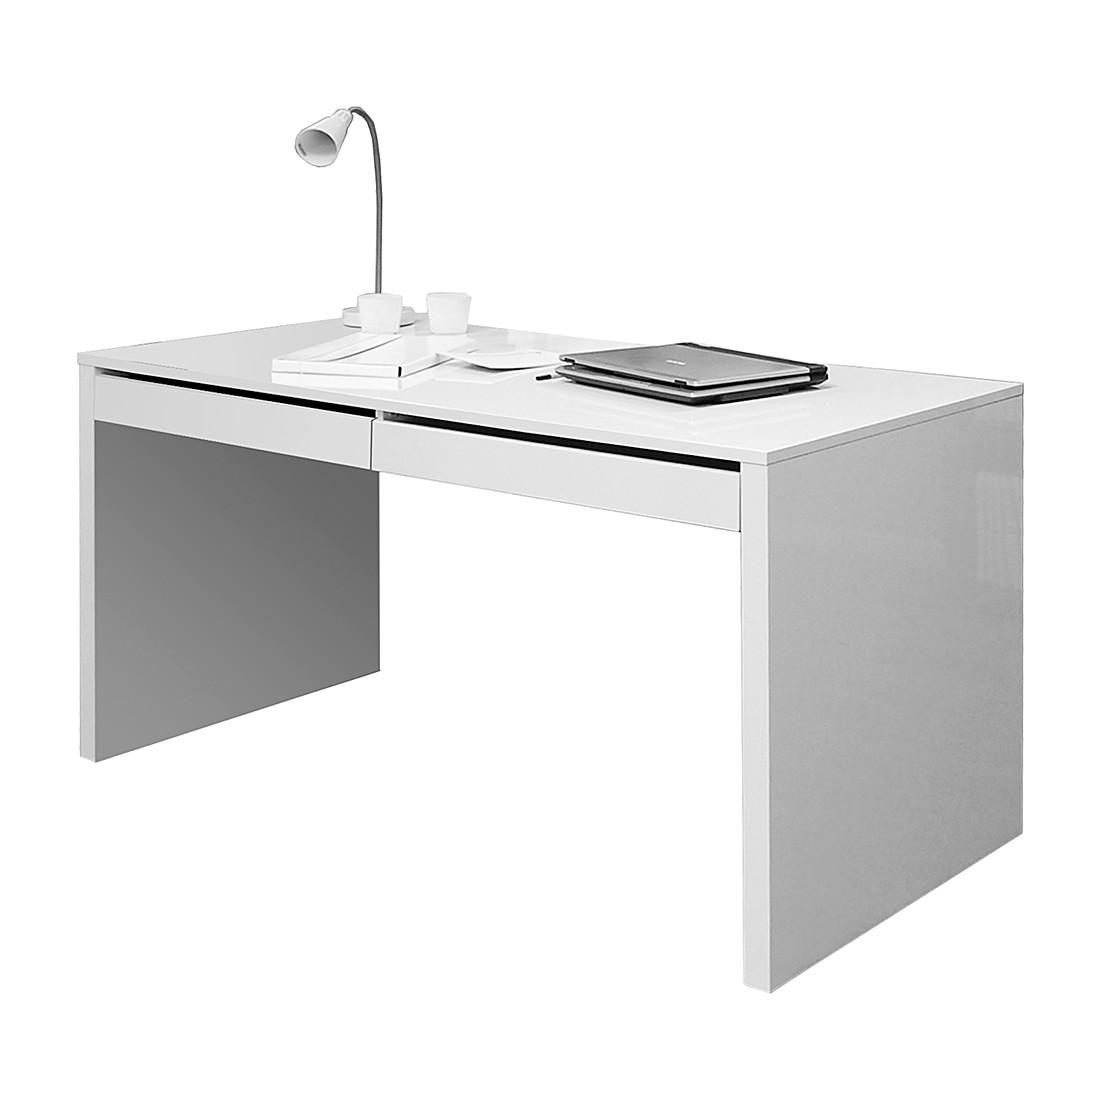 schreibtisch takoradi hochglanz wei mit zwei schubk sten ebay. Black Bedroom Furniture Sets. Home Design Ideas